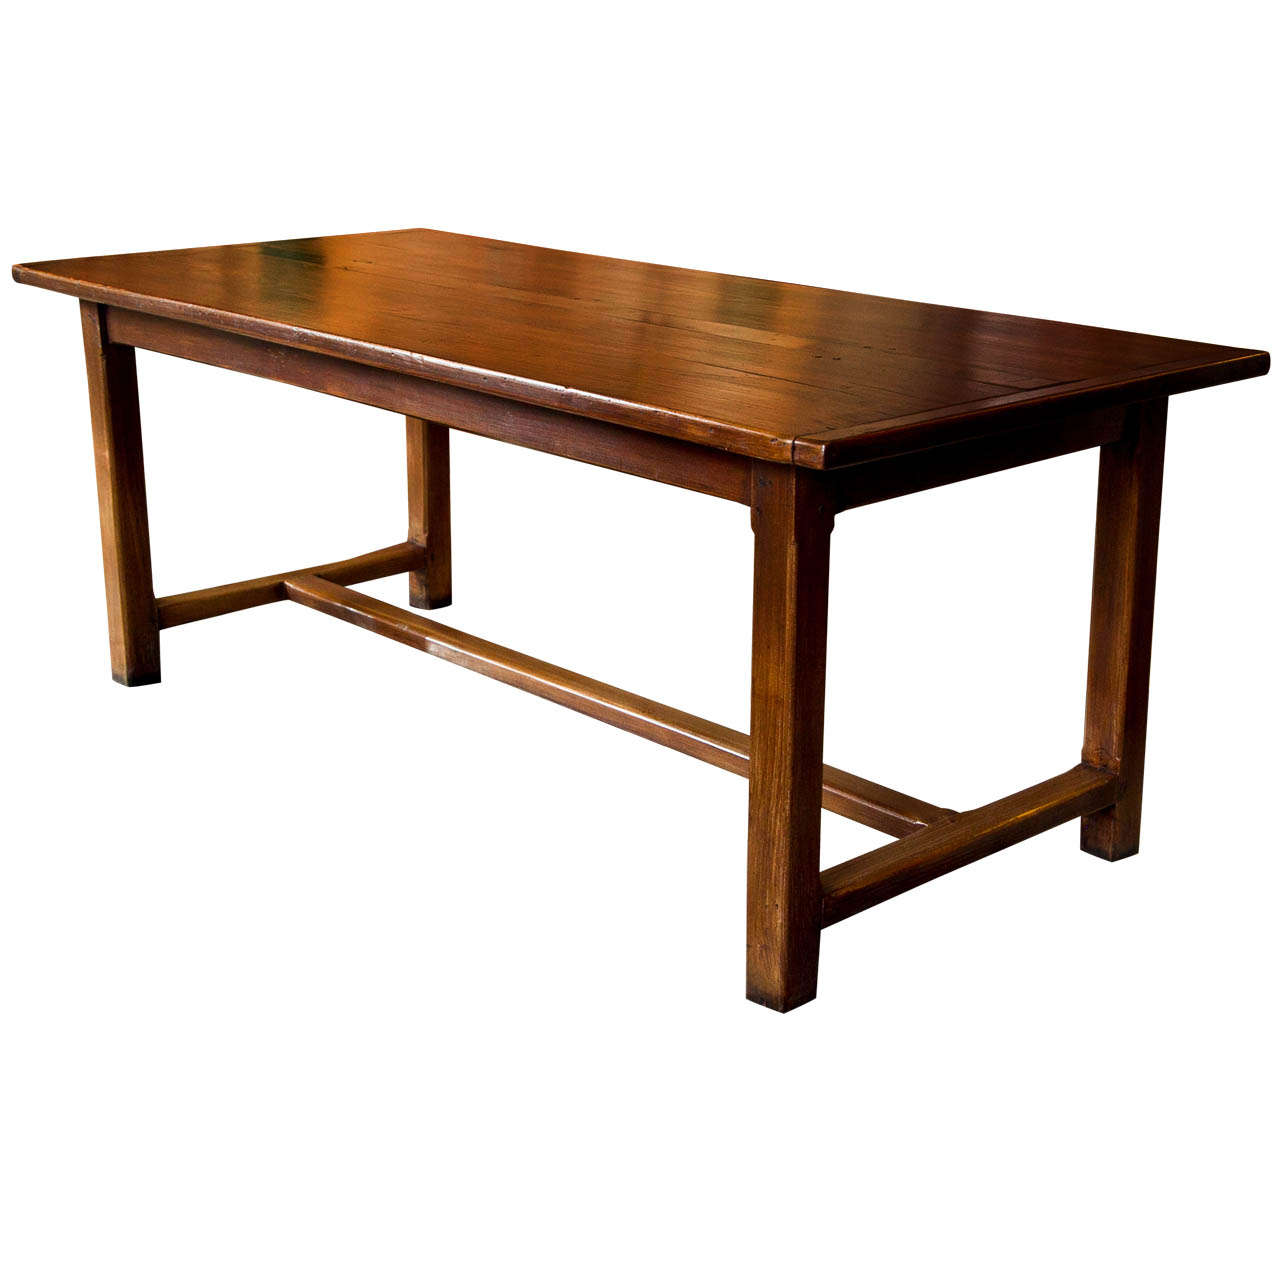 French Poplar Farm Table